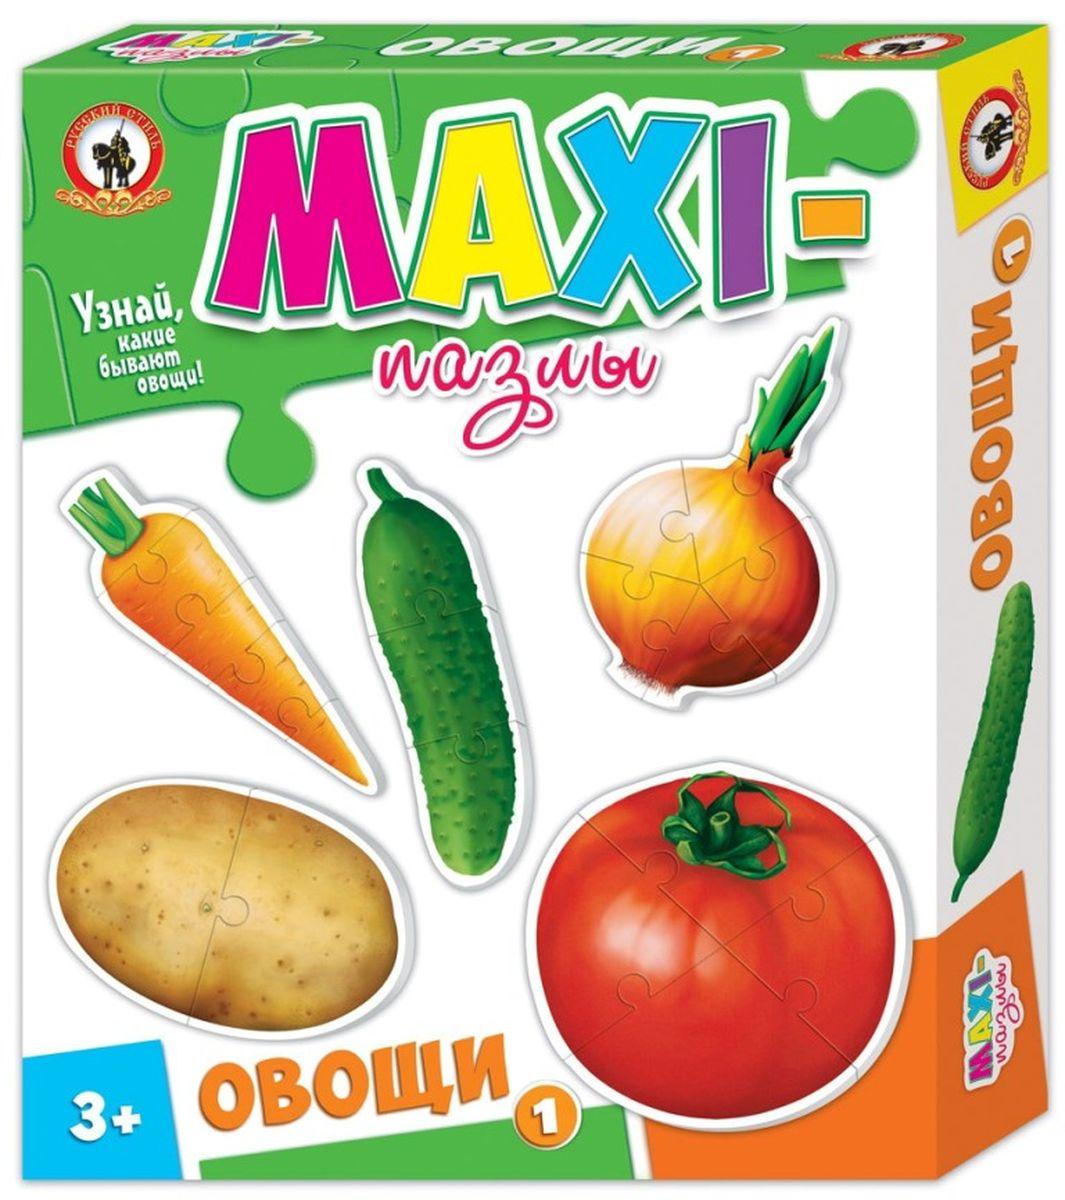 Русский стиль Макси пазлы Овощи 103527Игра для детей от 3 лет. Состав набора: Картофель (2 элемента) Огурец (3 элемента) Помидор (4 элемента) Морковь (5 элементов) Лук (6 элементов)